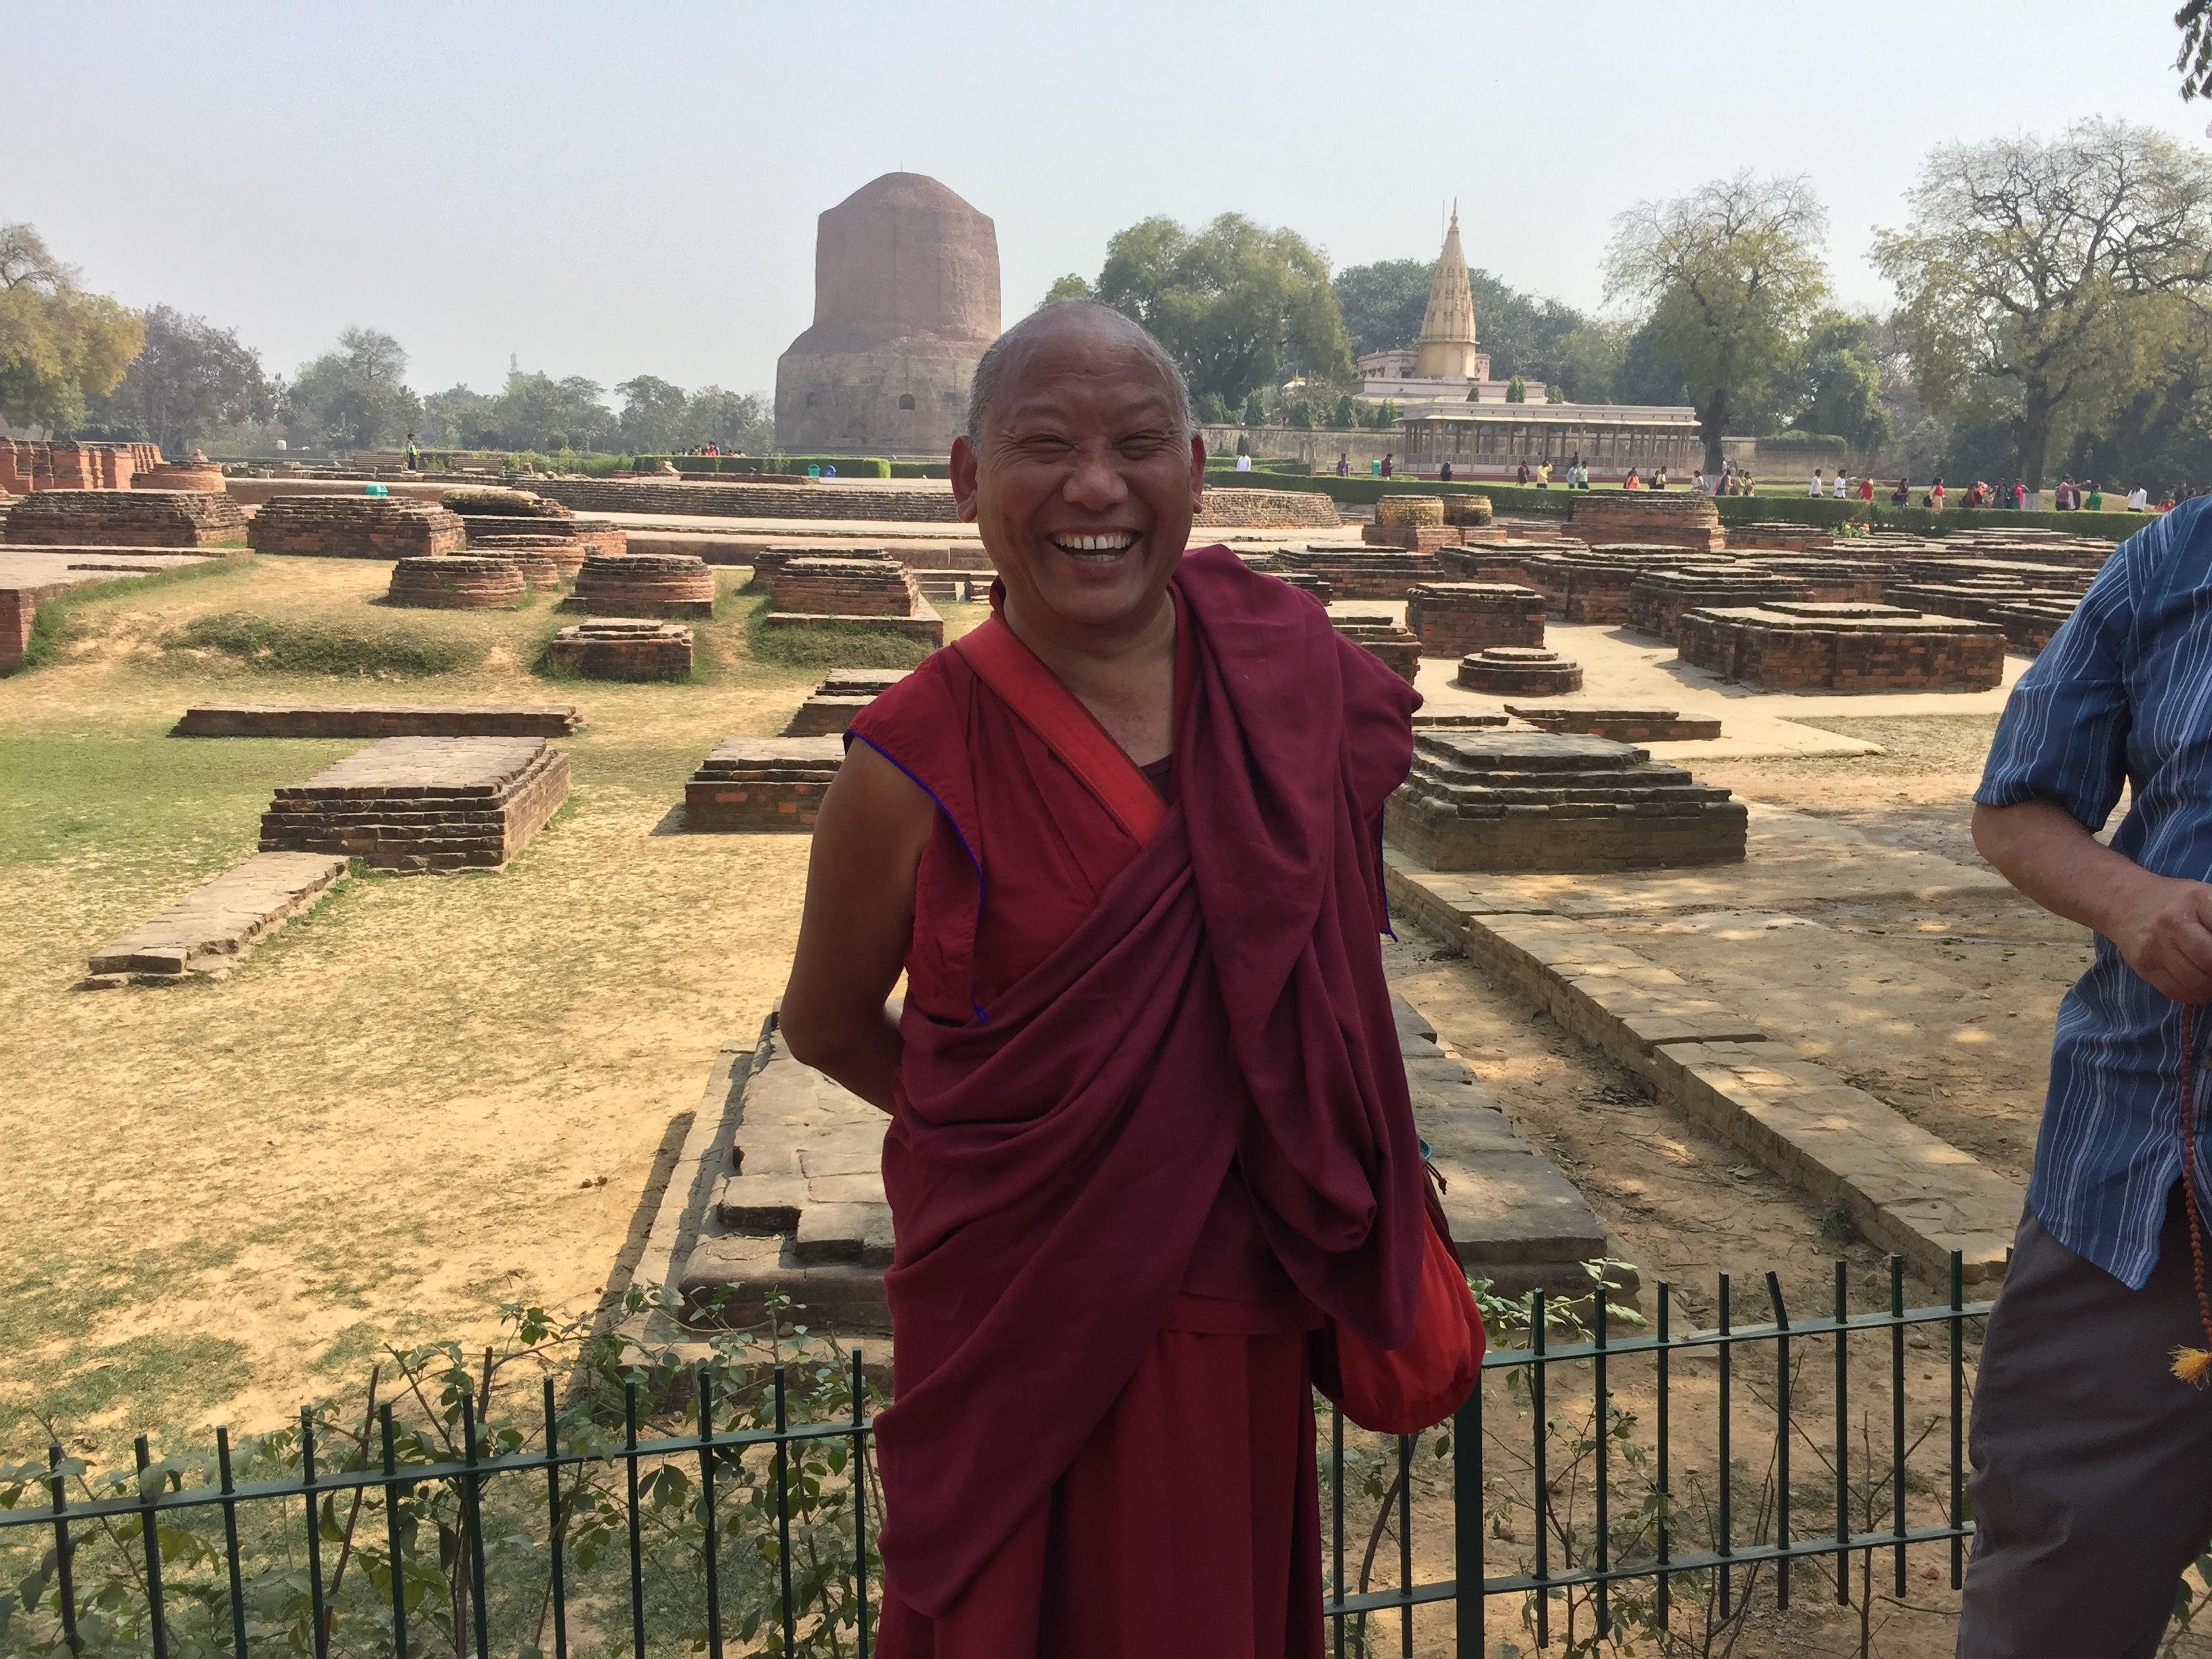 Lama Paljor at Sarnath